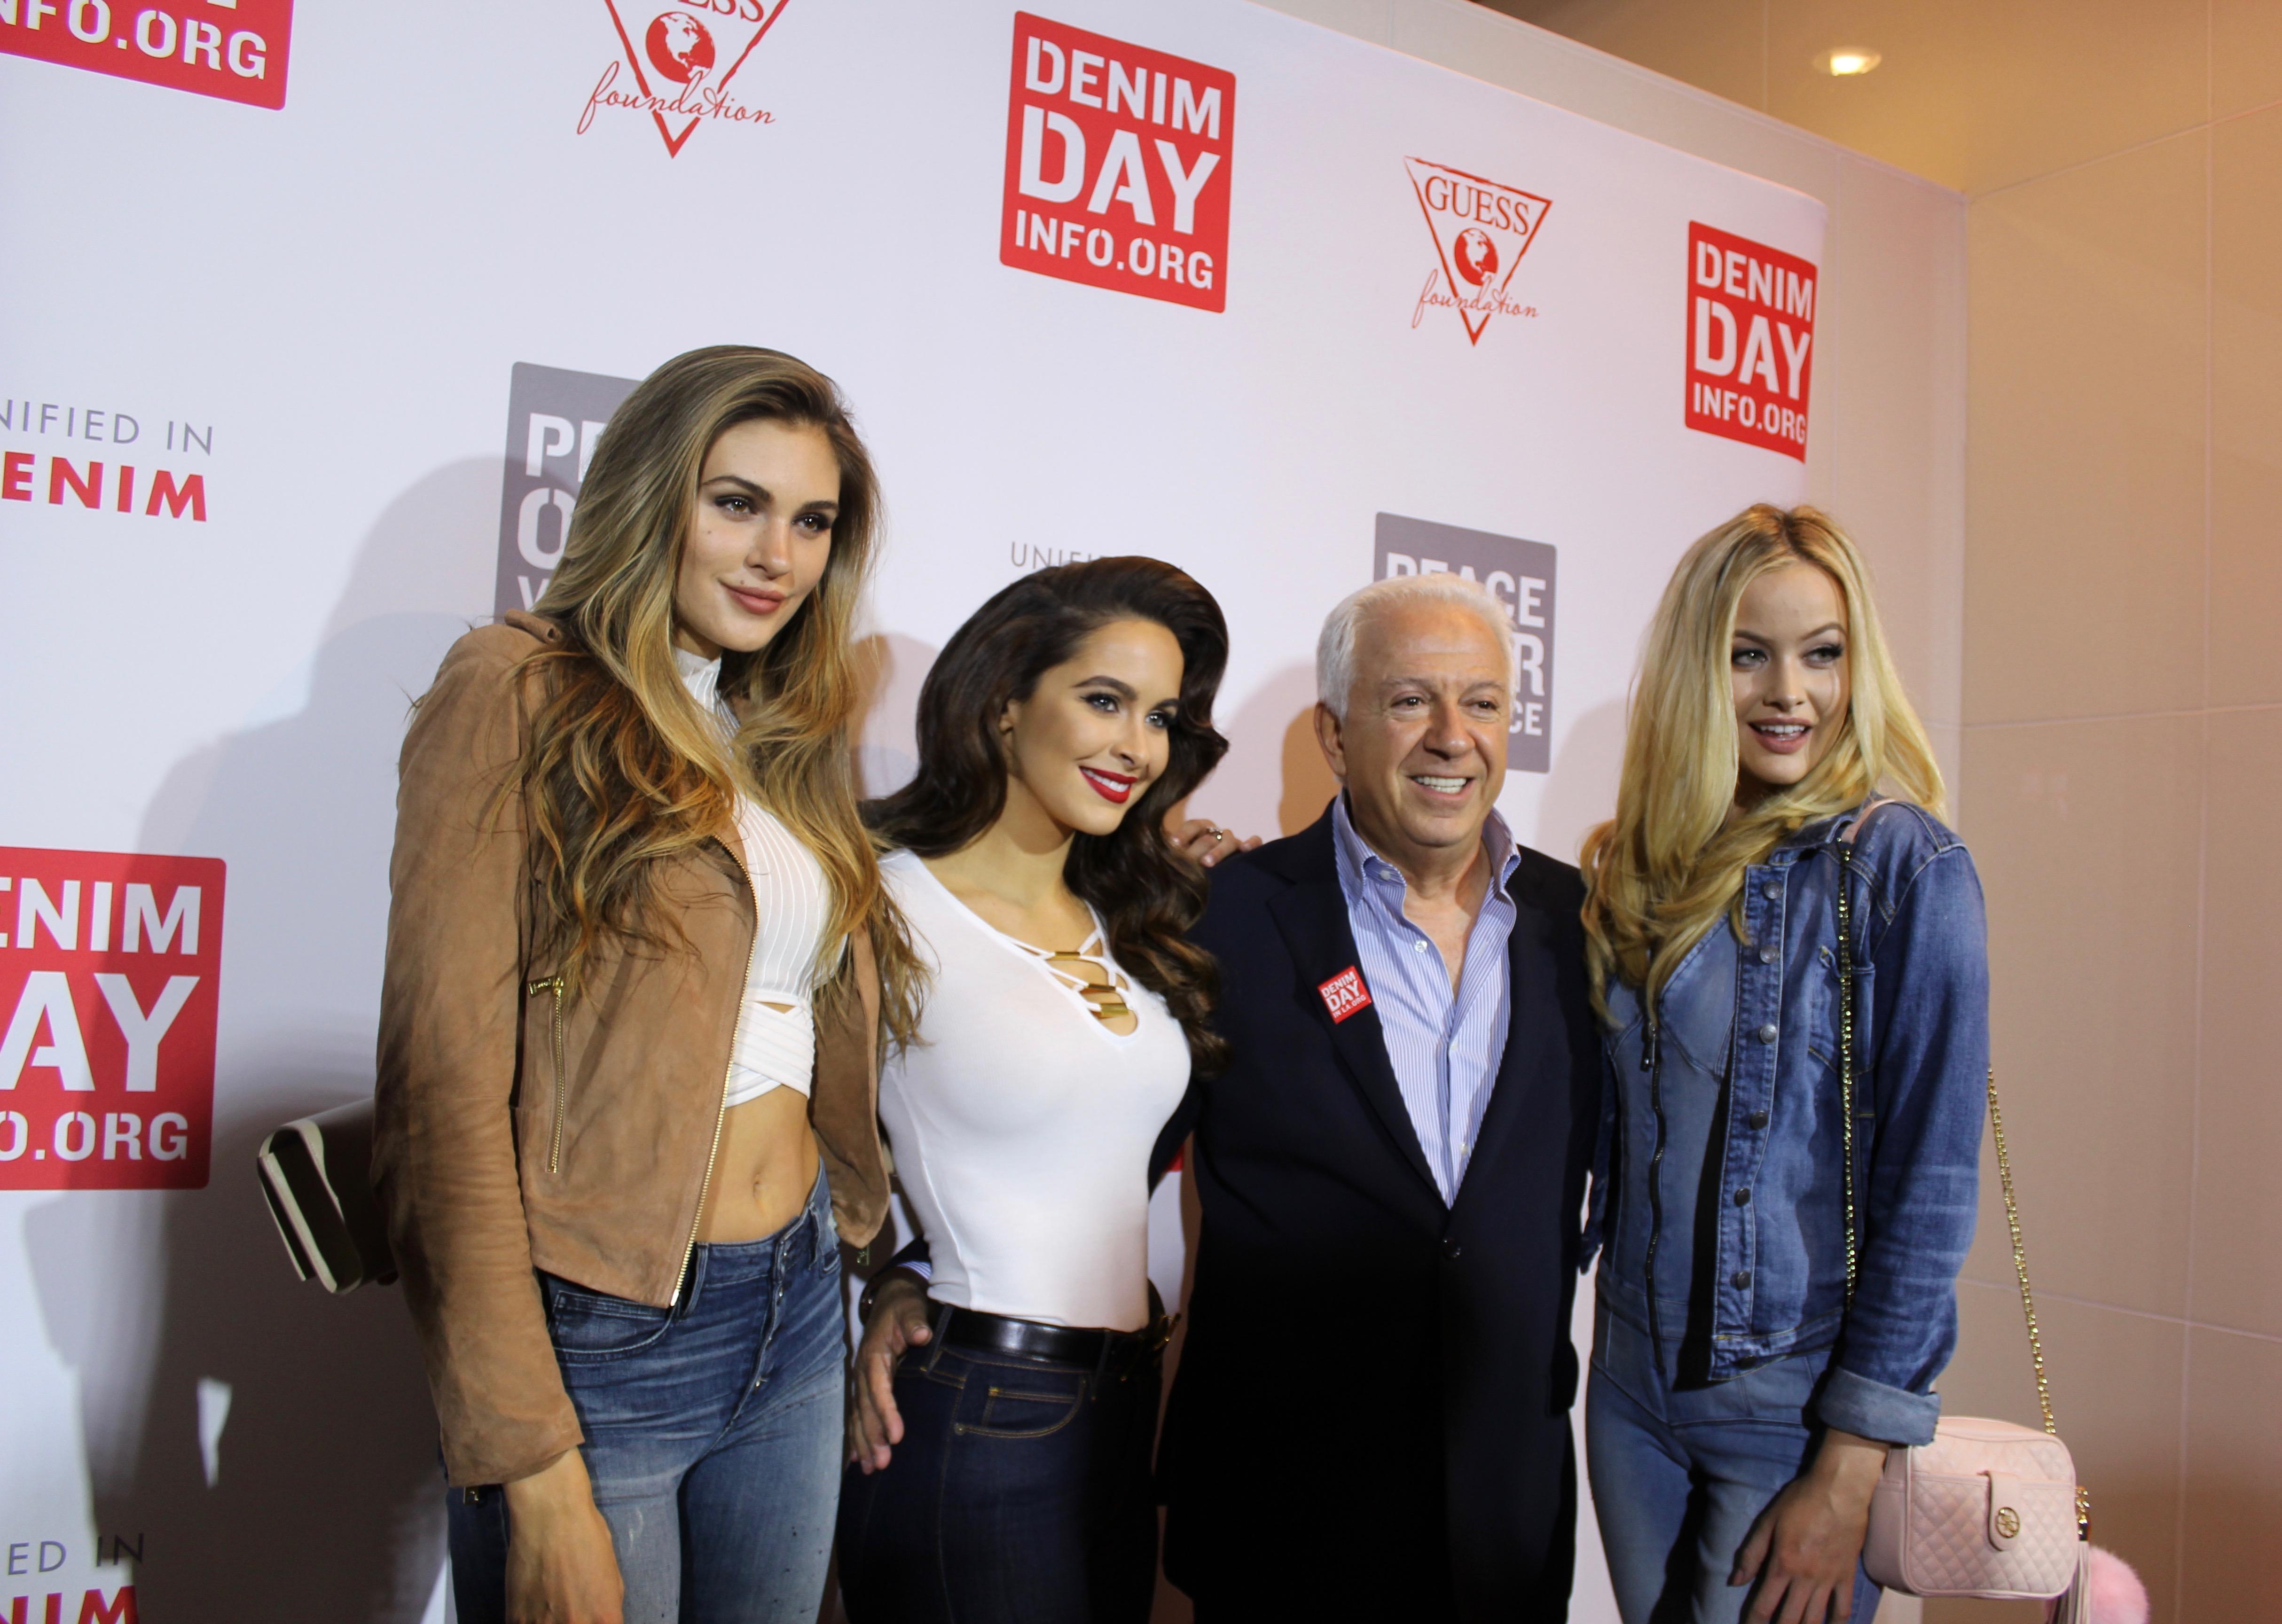 Paul Marciano, et les mannequins de Guess lors de la soirée de lancement des Denim Day 2016 au Musée Moca de Los Angeles le 22 mars dernier.